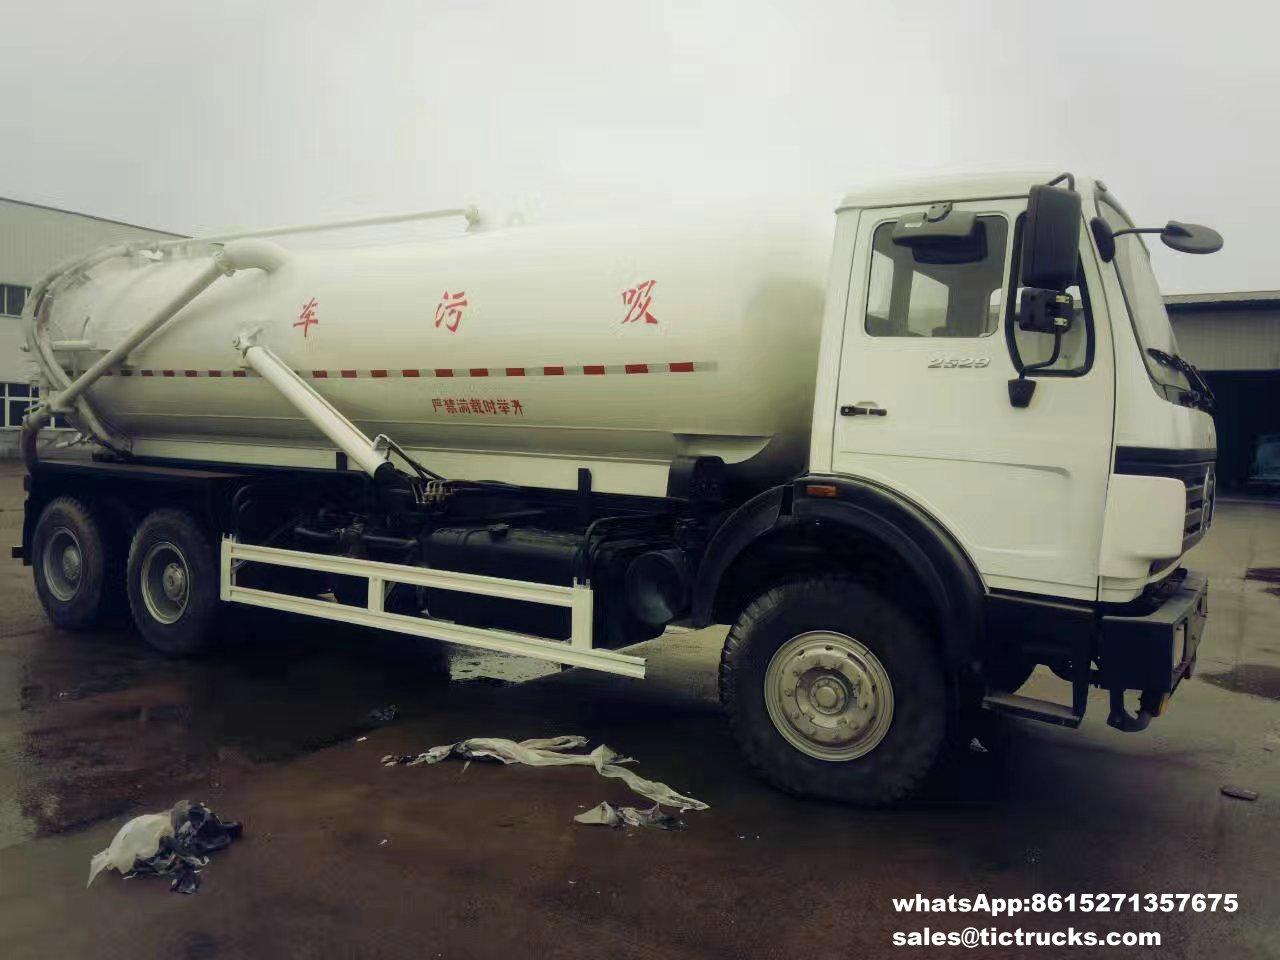 Camion -04_1.jpg d'eaux d'égout de vide de Beiben